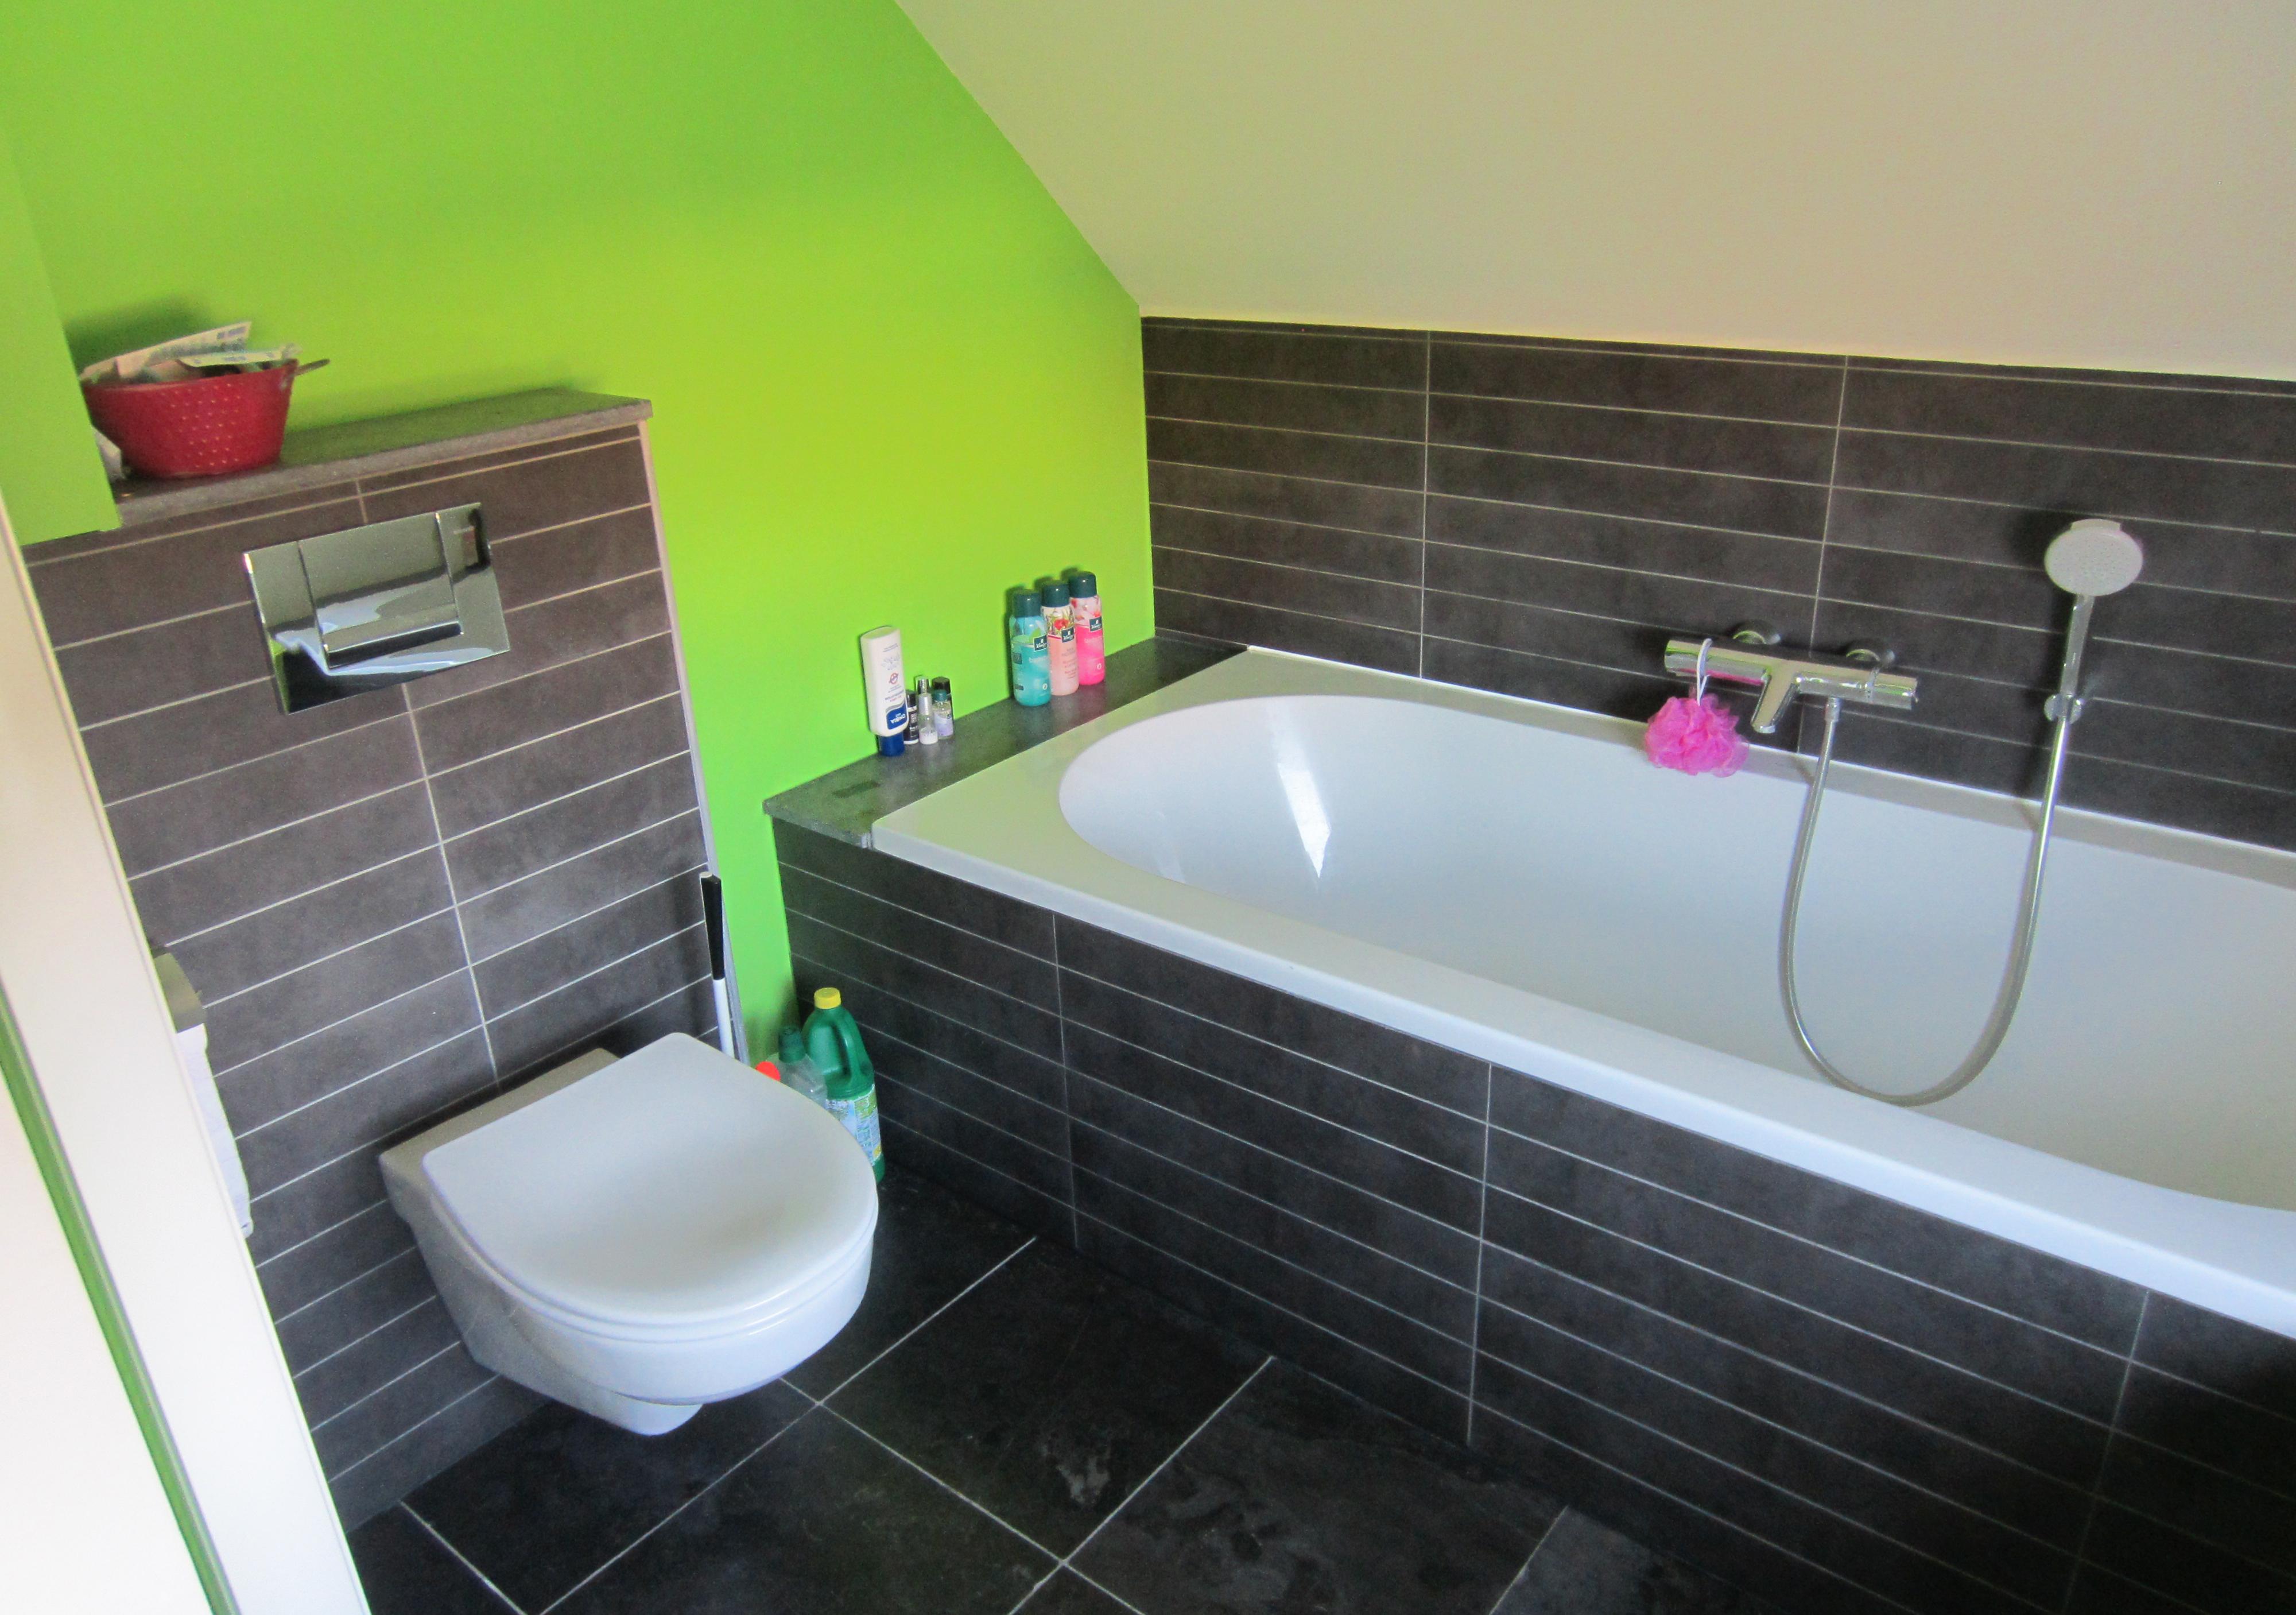 Badkamers installatiebedrijf plovier - Badkamer ontwerp fotos ...